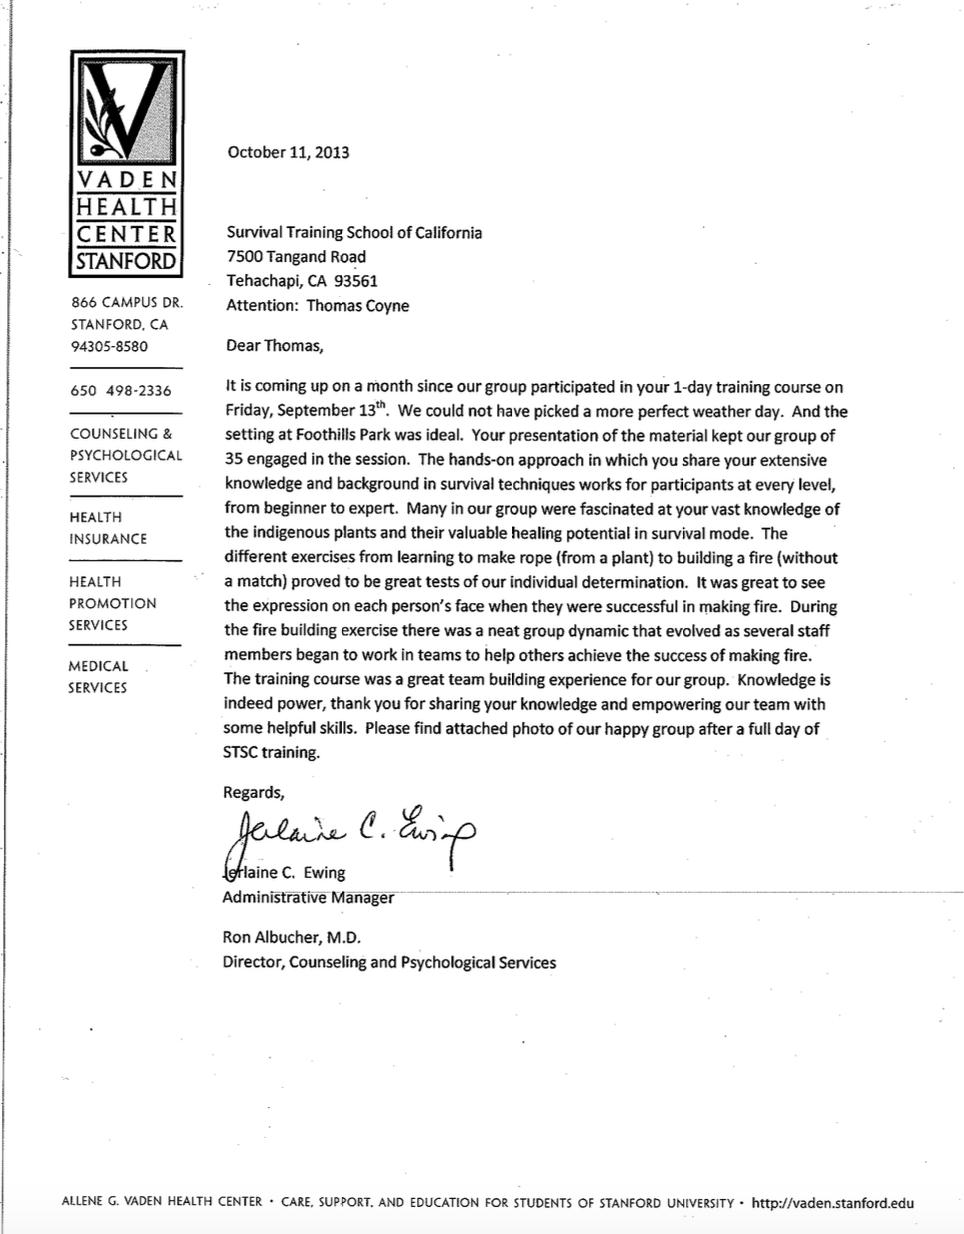 Stanford U Letter.png